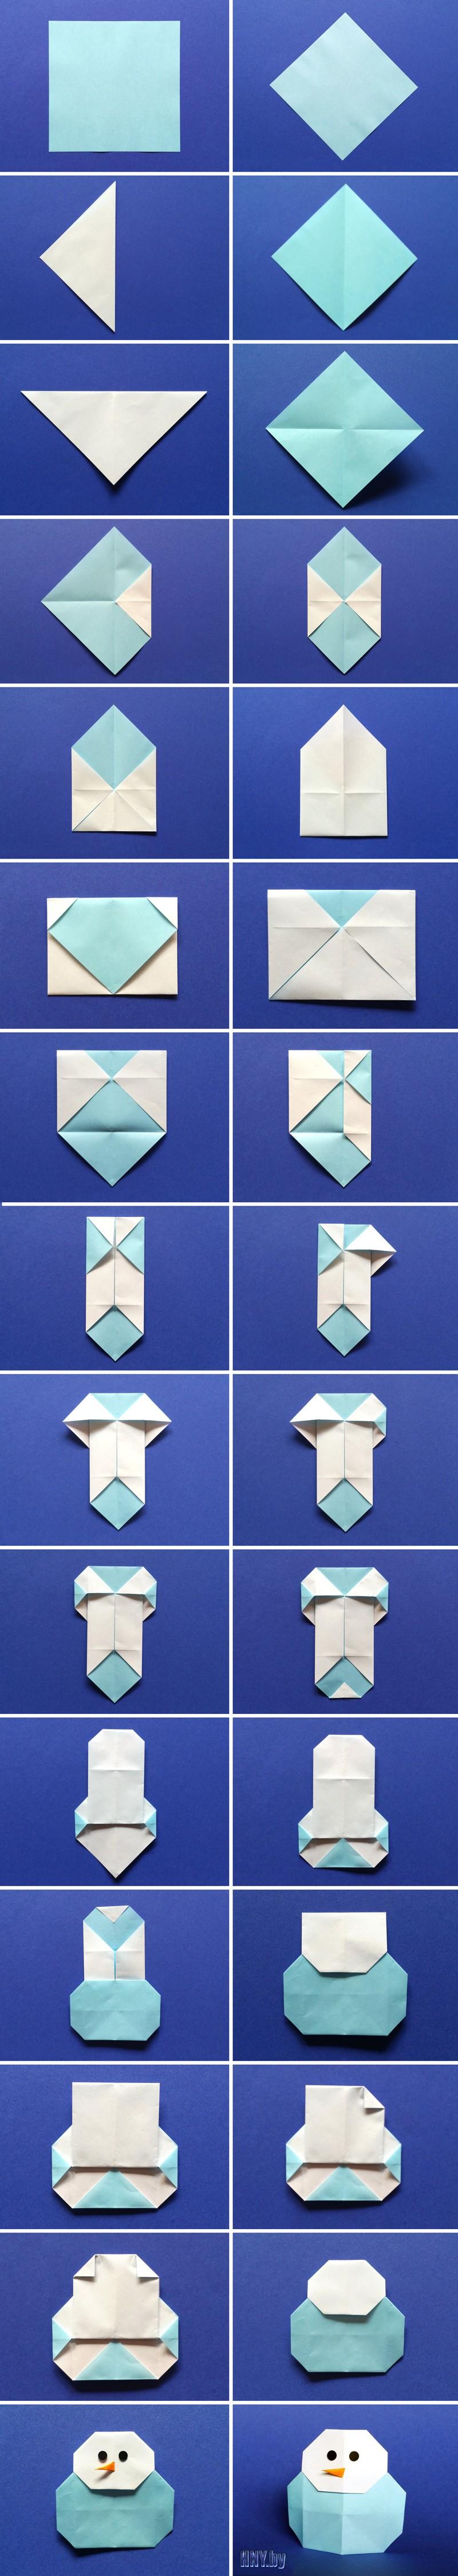 Поделки из бумаги оригами: как сделать снеговика. Пошаговая схема